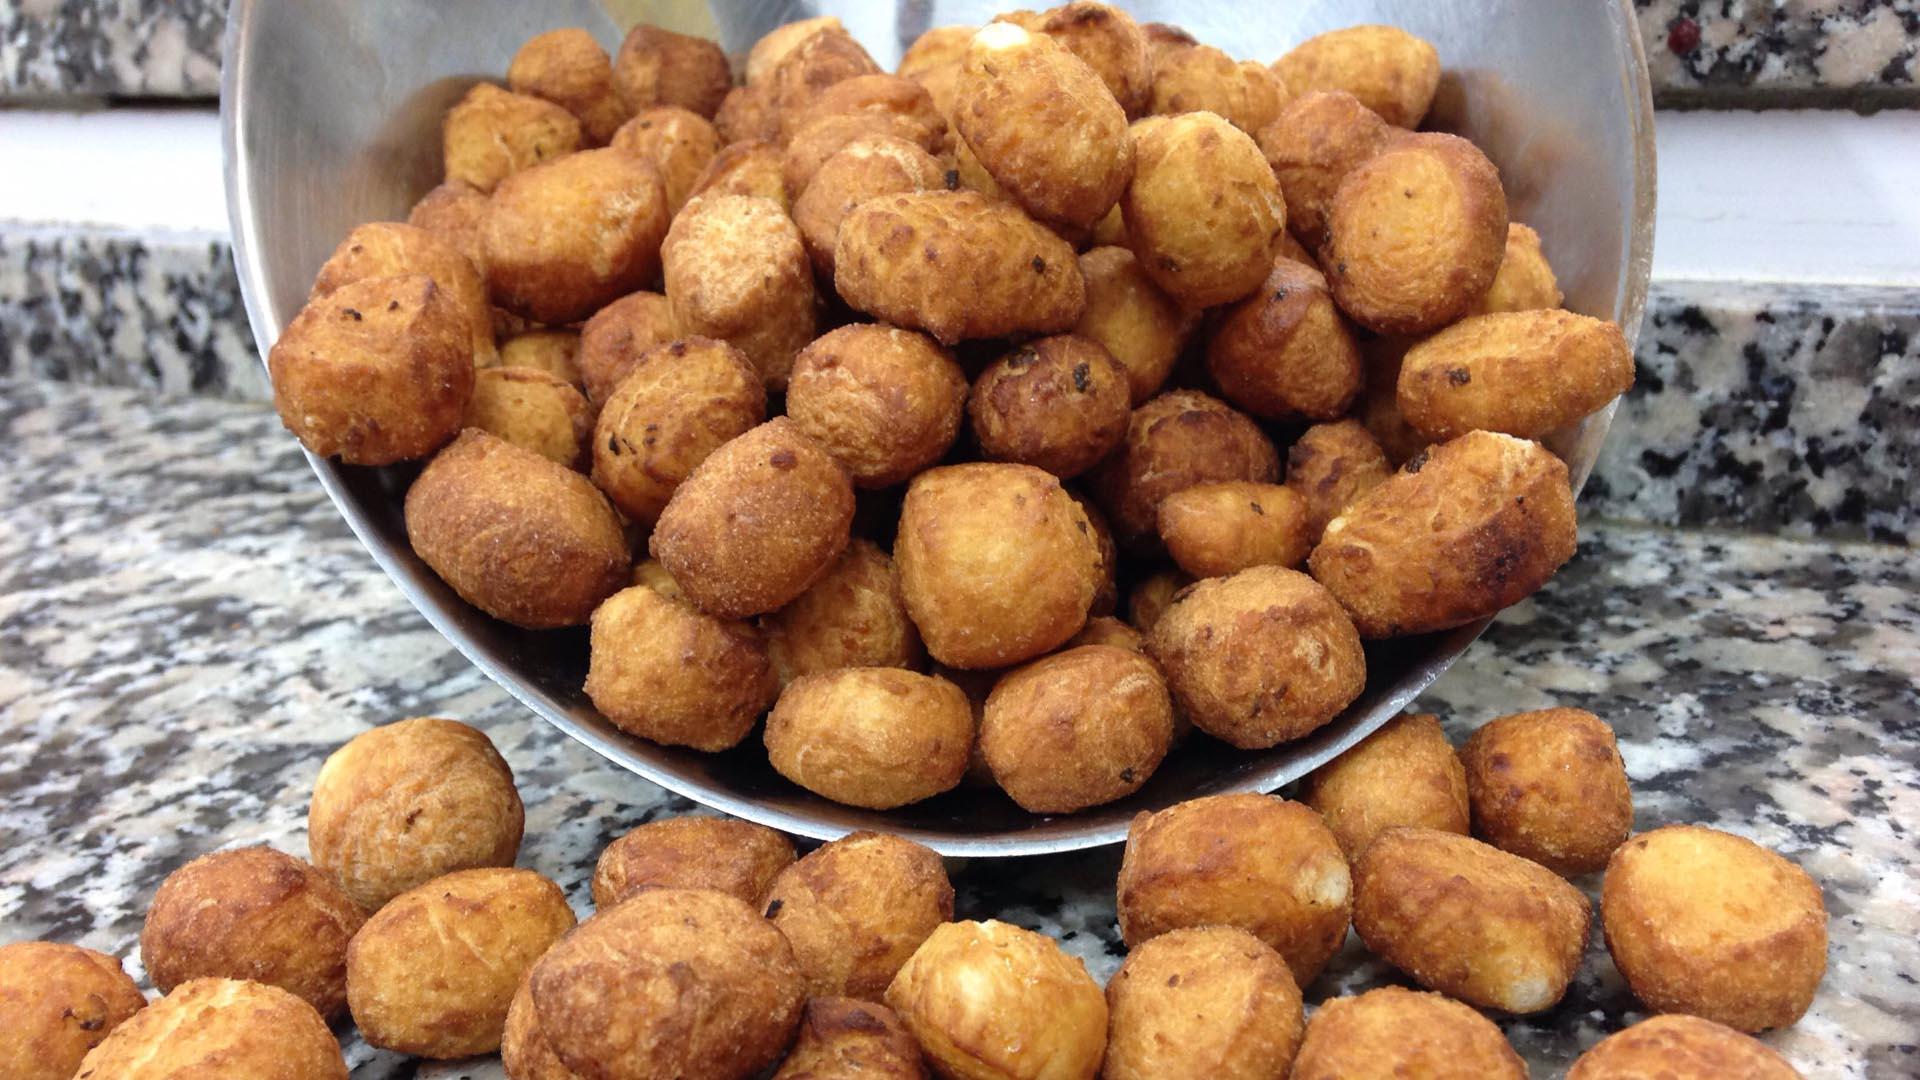 Los dulces eran unas pequeñas bolas de una masa frita, que fueron roseadas con pesticidas por el hermano del vendedor